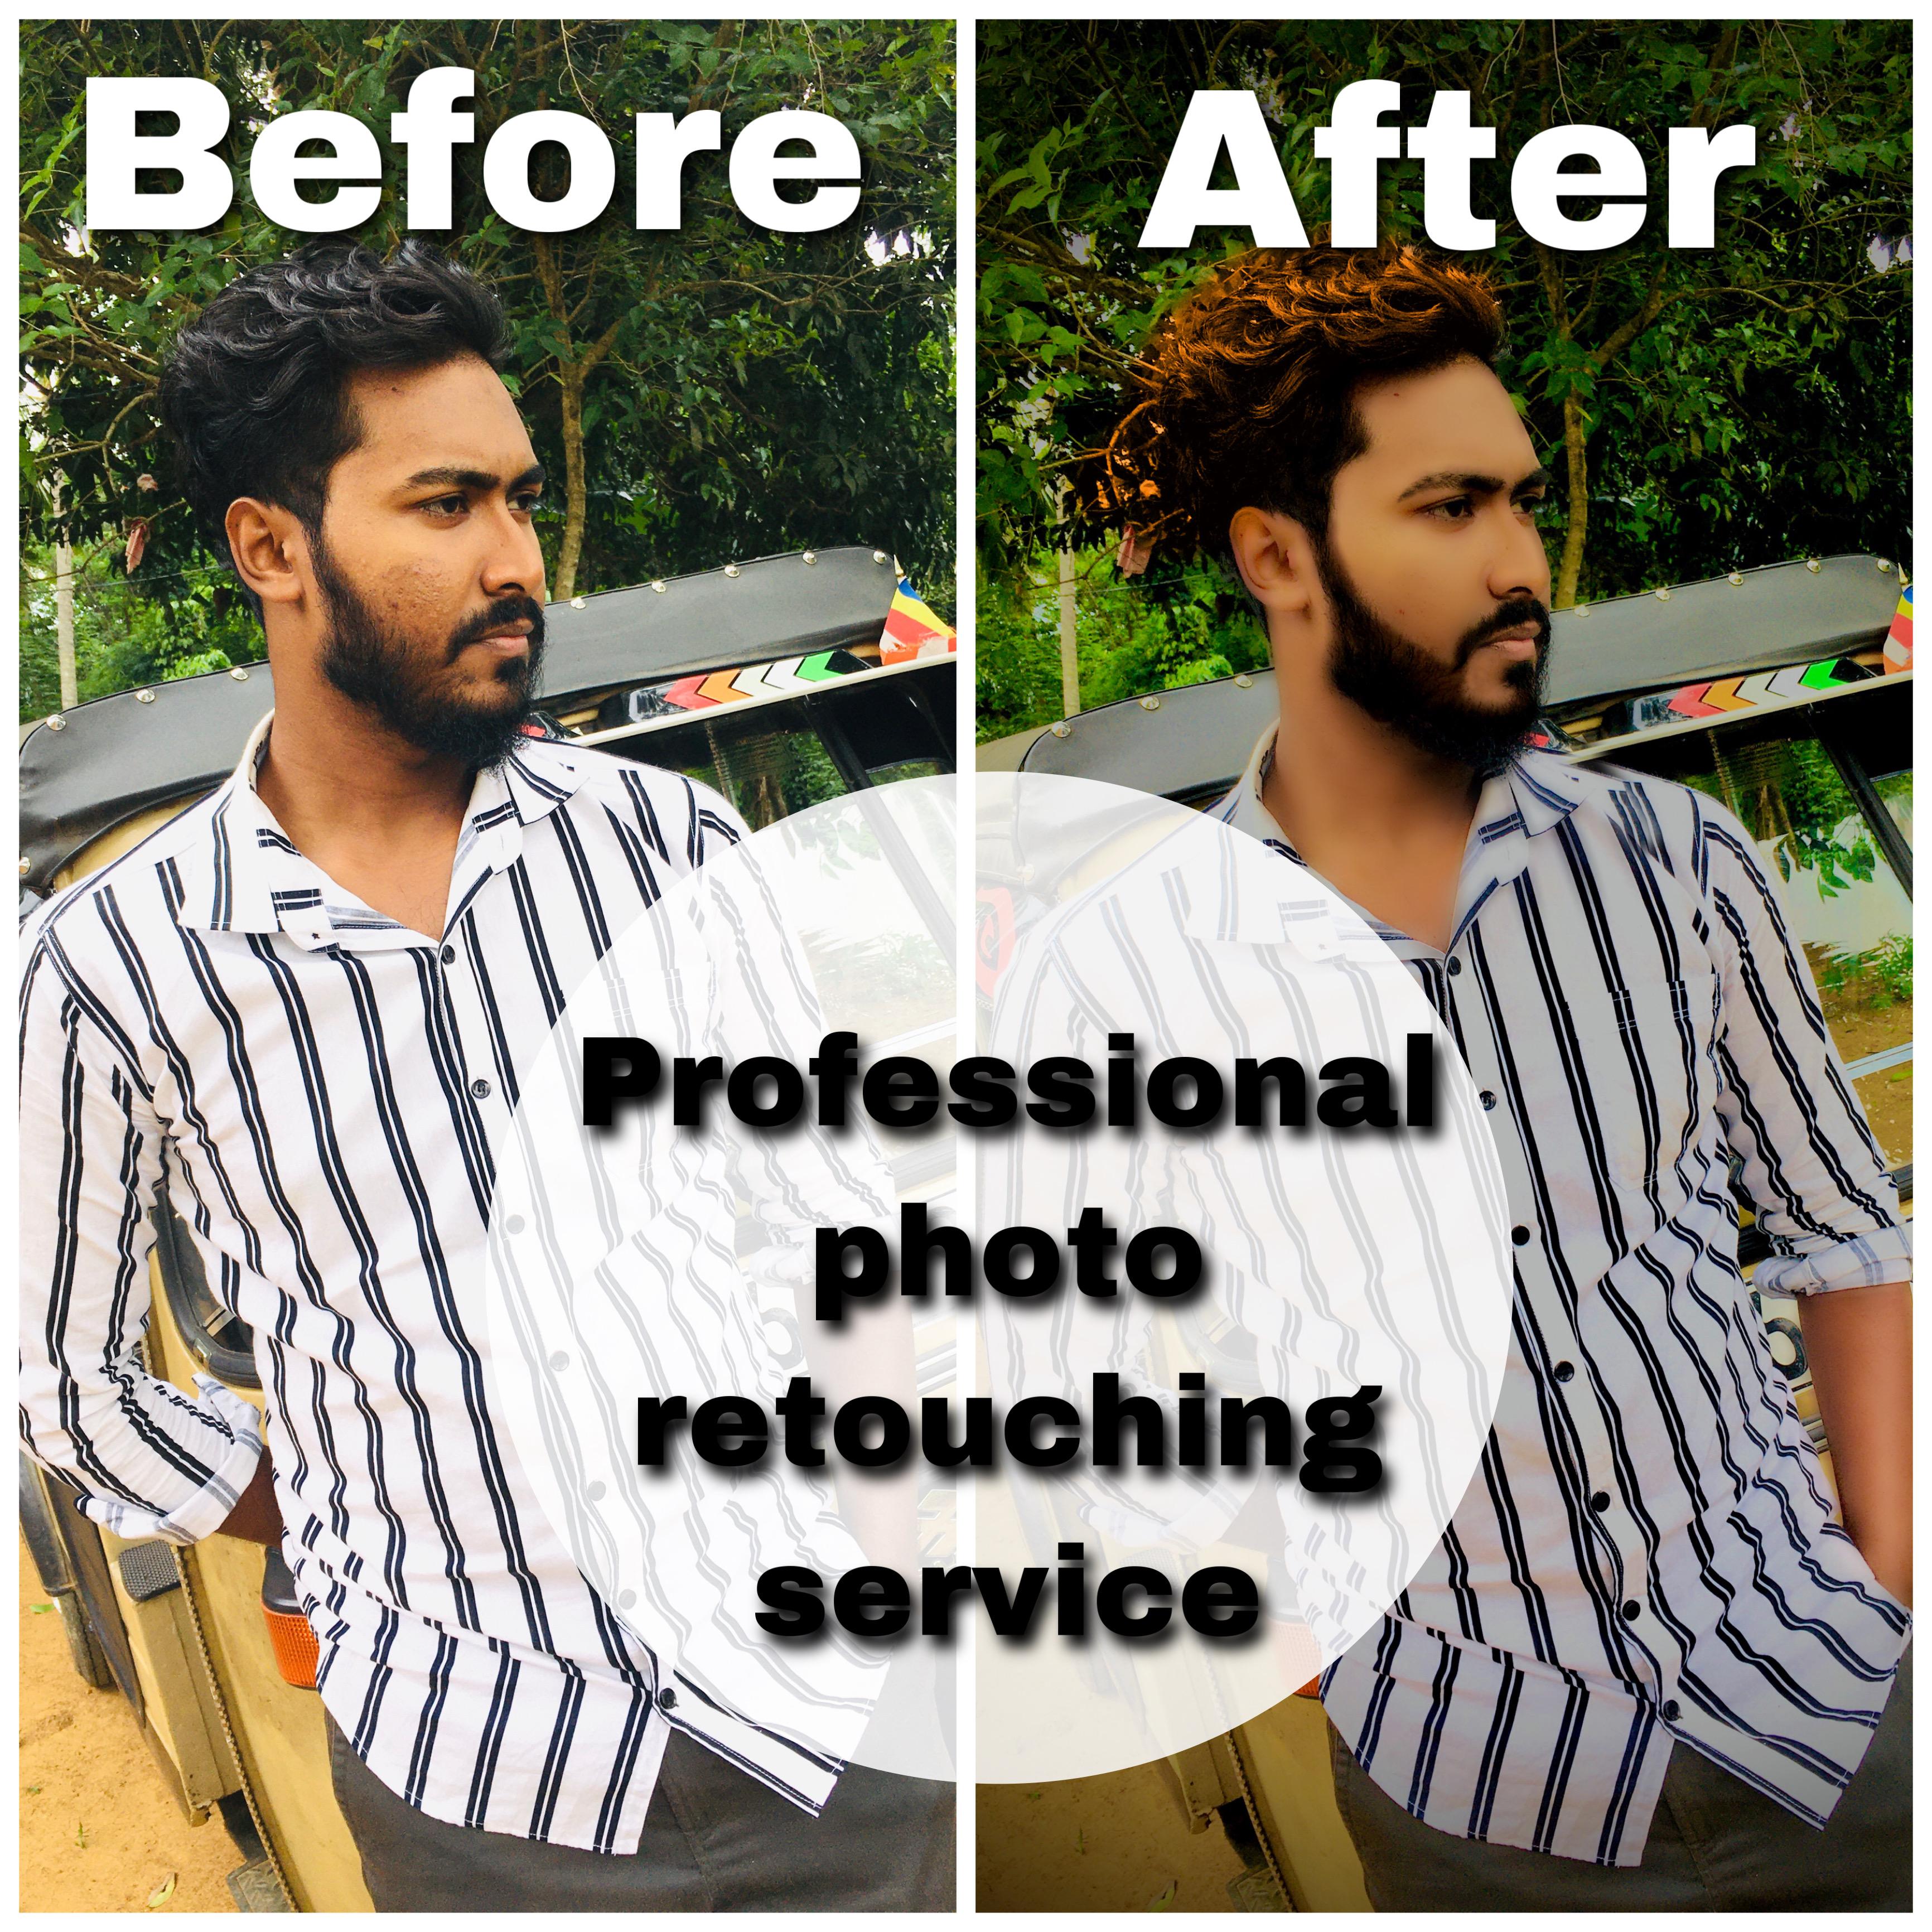 professional photo retouching service